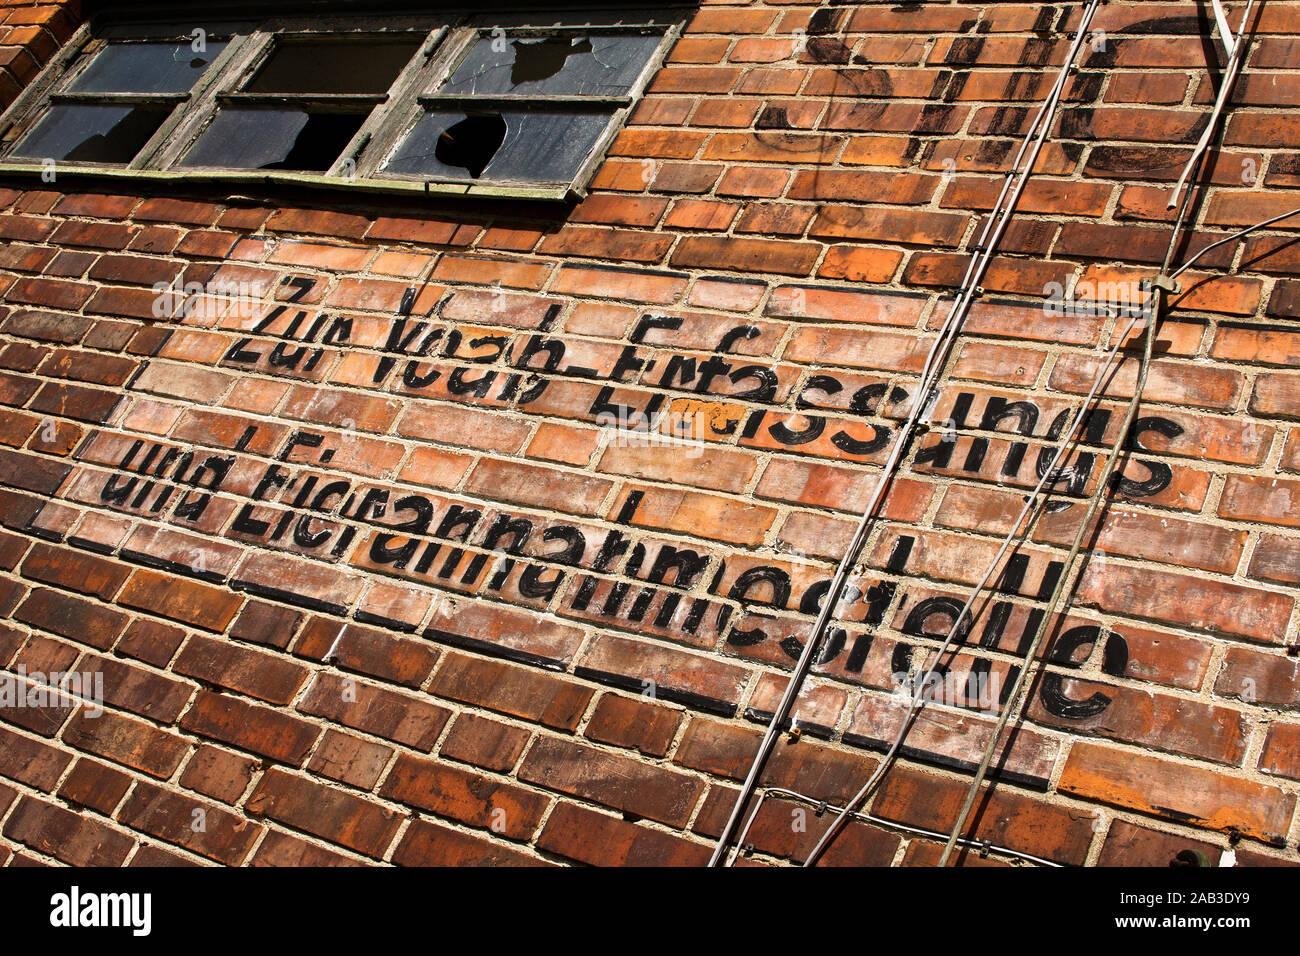 Beschriftung einer Außenwand von einem alten Silo im Hafen  Marking an outside wall of an old silo in the port  Stock Photo